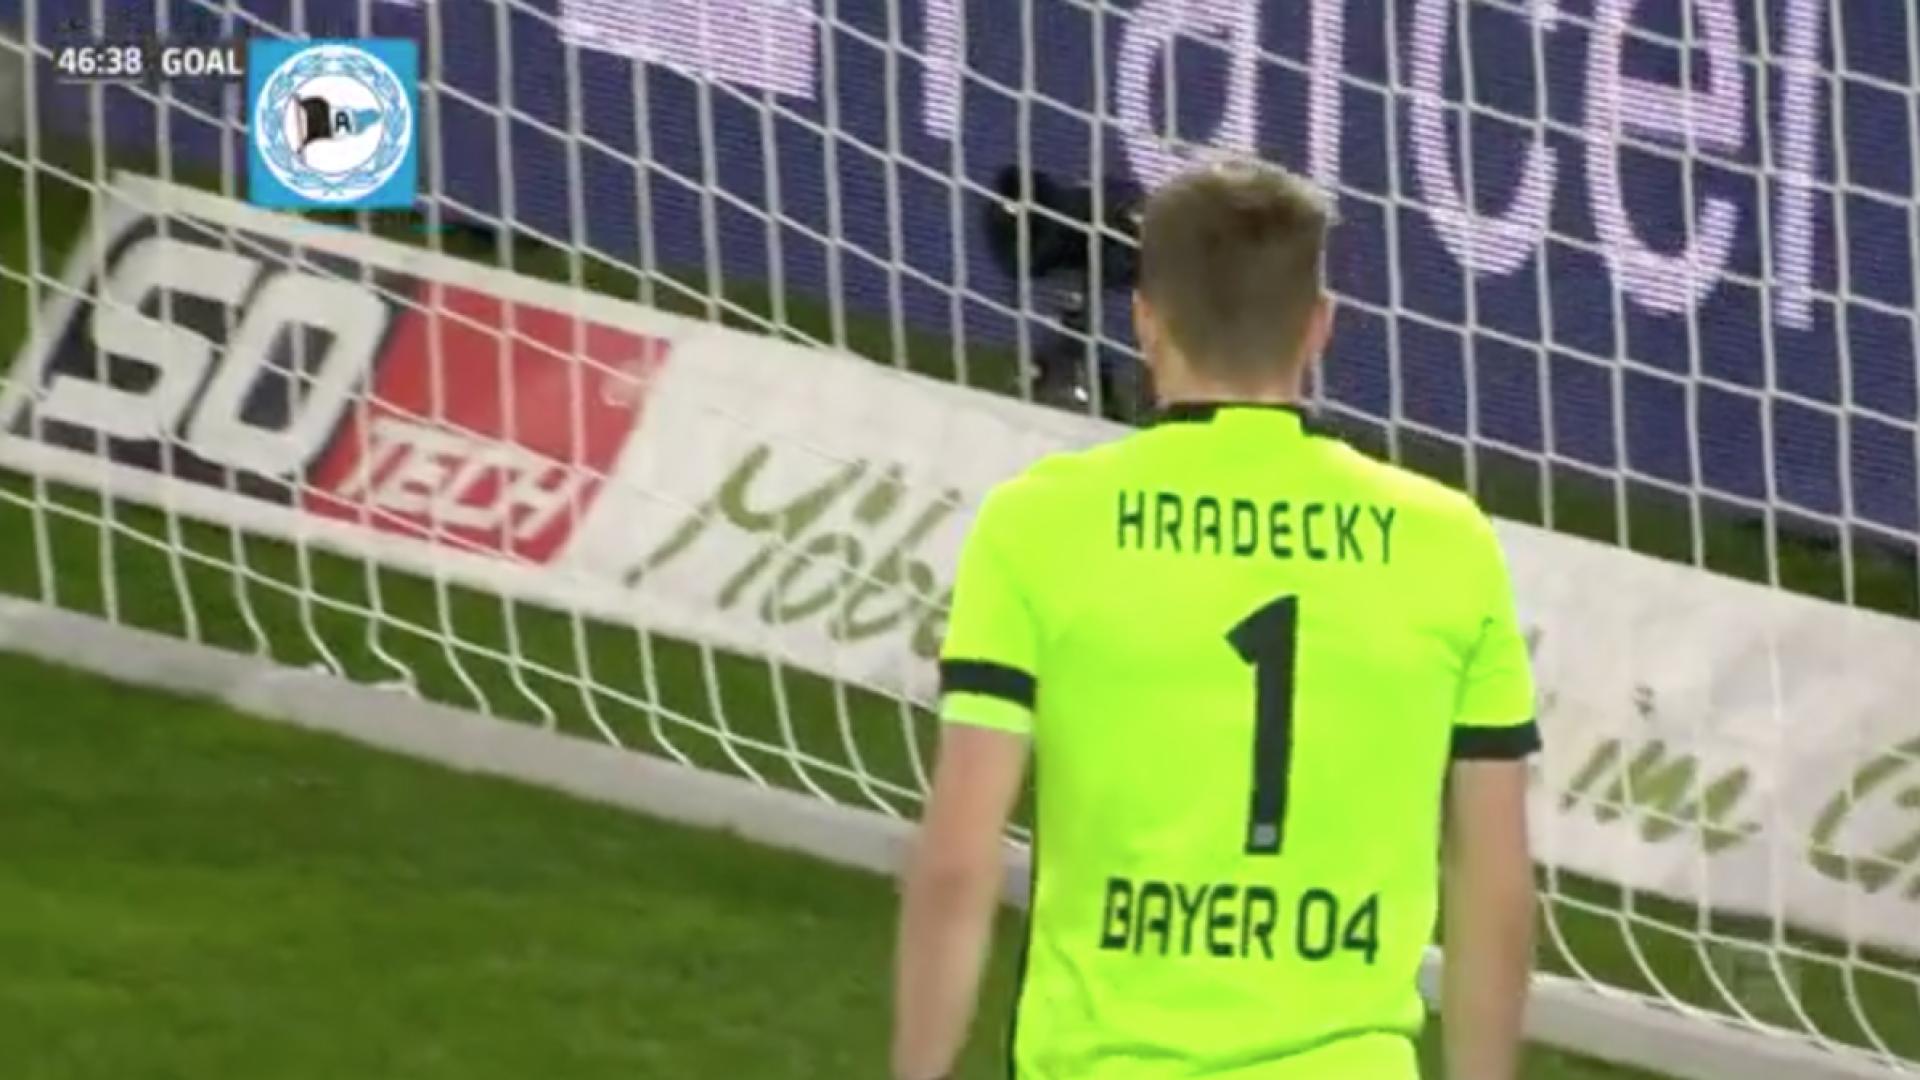 Guarda-redes do Leverkusen vai ter pesadelos depois deste autogolo